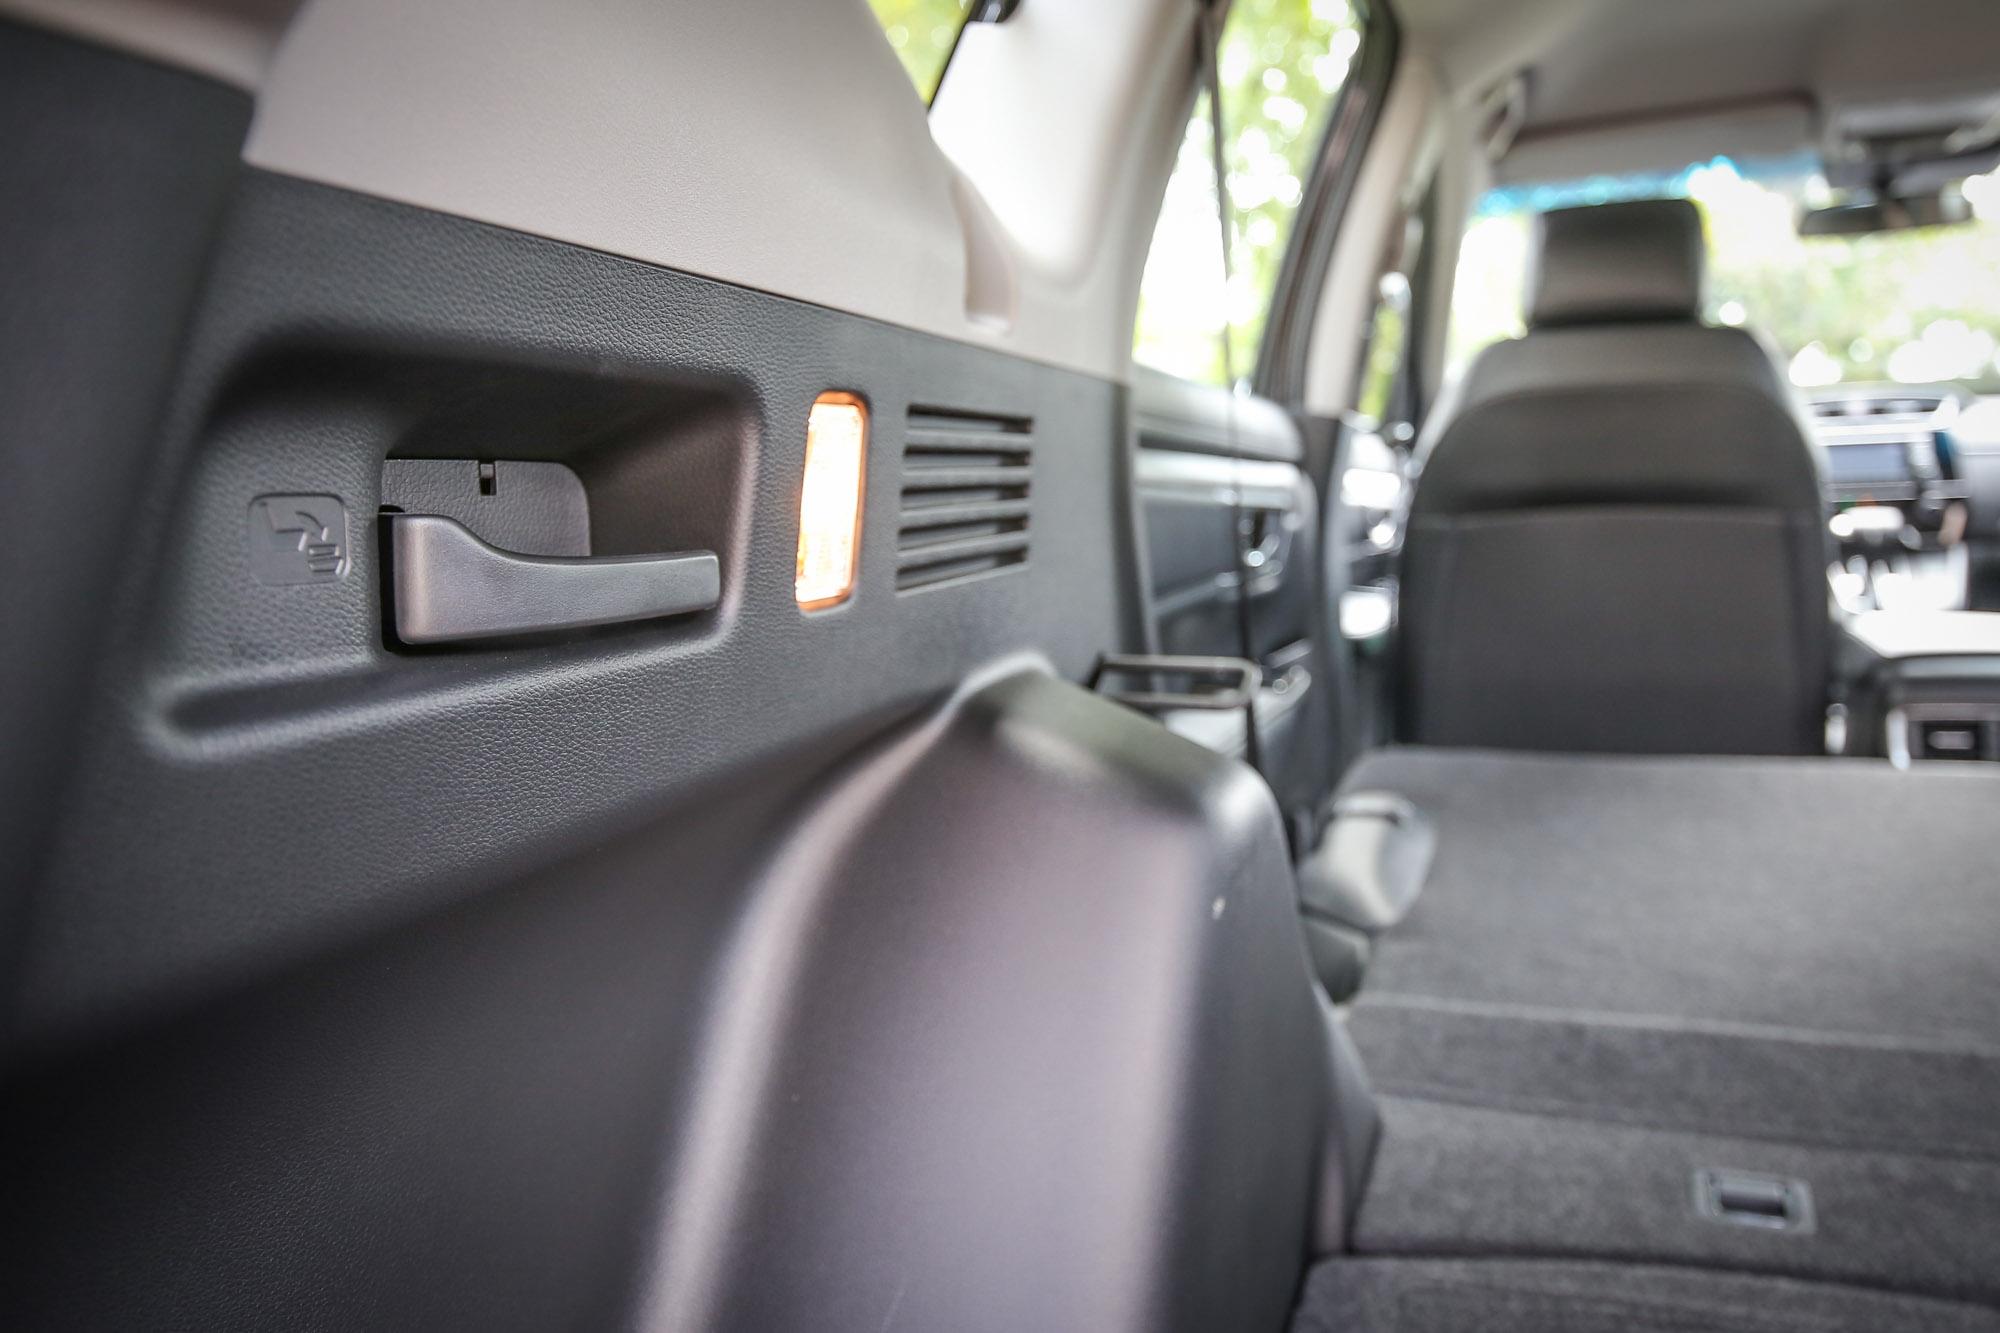 就算隸屬客貨車認證,但 CR-V 寬敞的後廂容積同級仍難出其右。